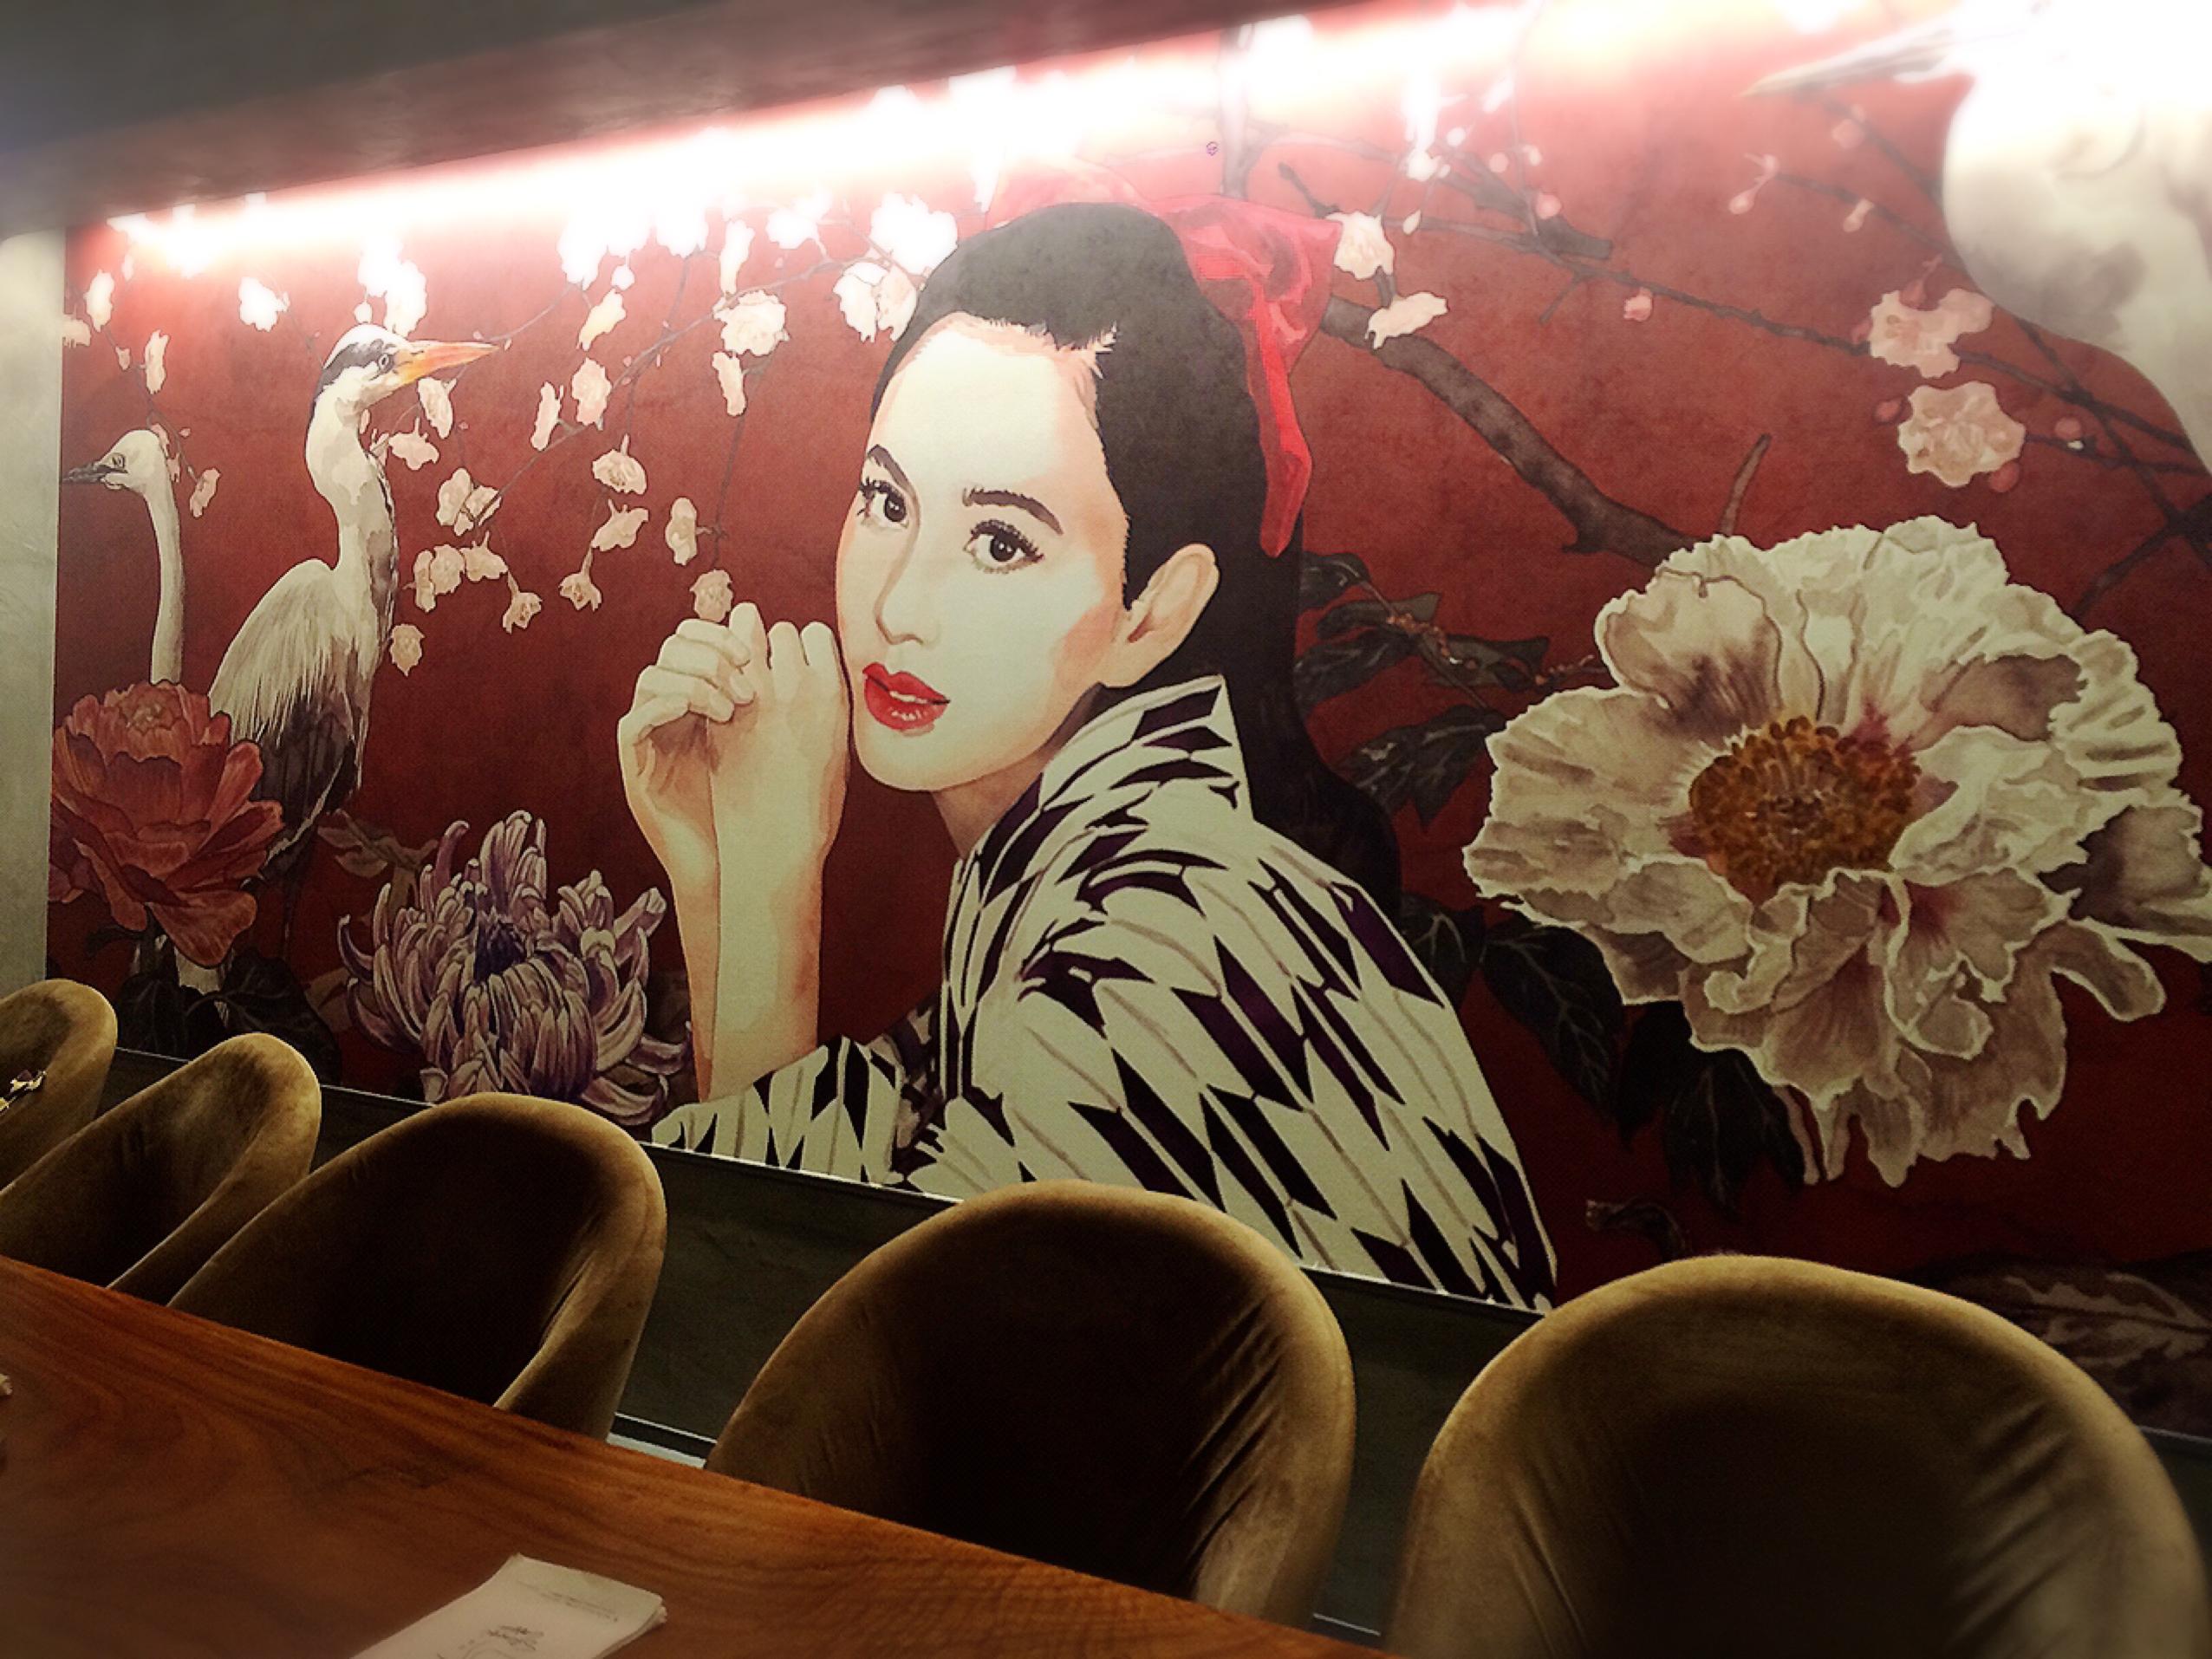 インスタ映え間違いなし!松山 道後商店街を彩るアートなカフェ「白鷺珈琲」で「なつかし ふわとろオムライス」を食べてきたよ!